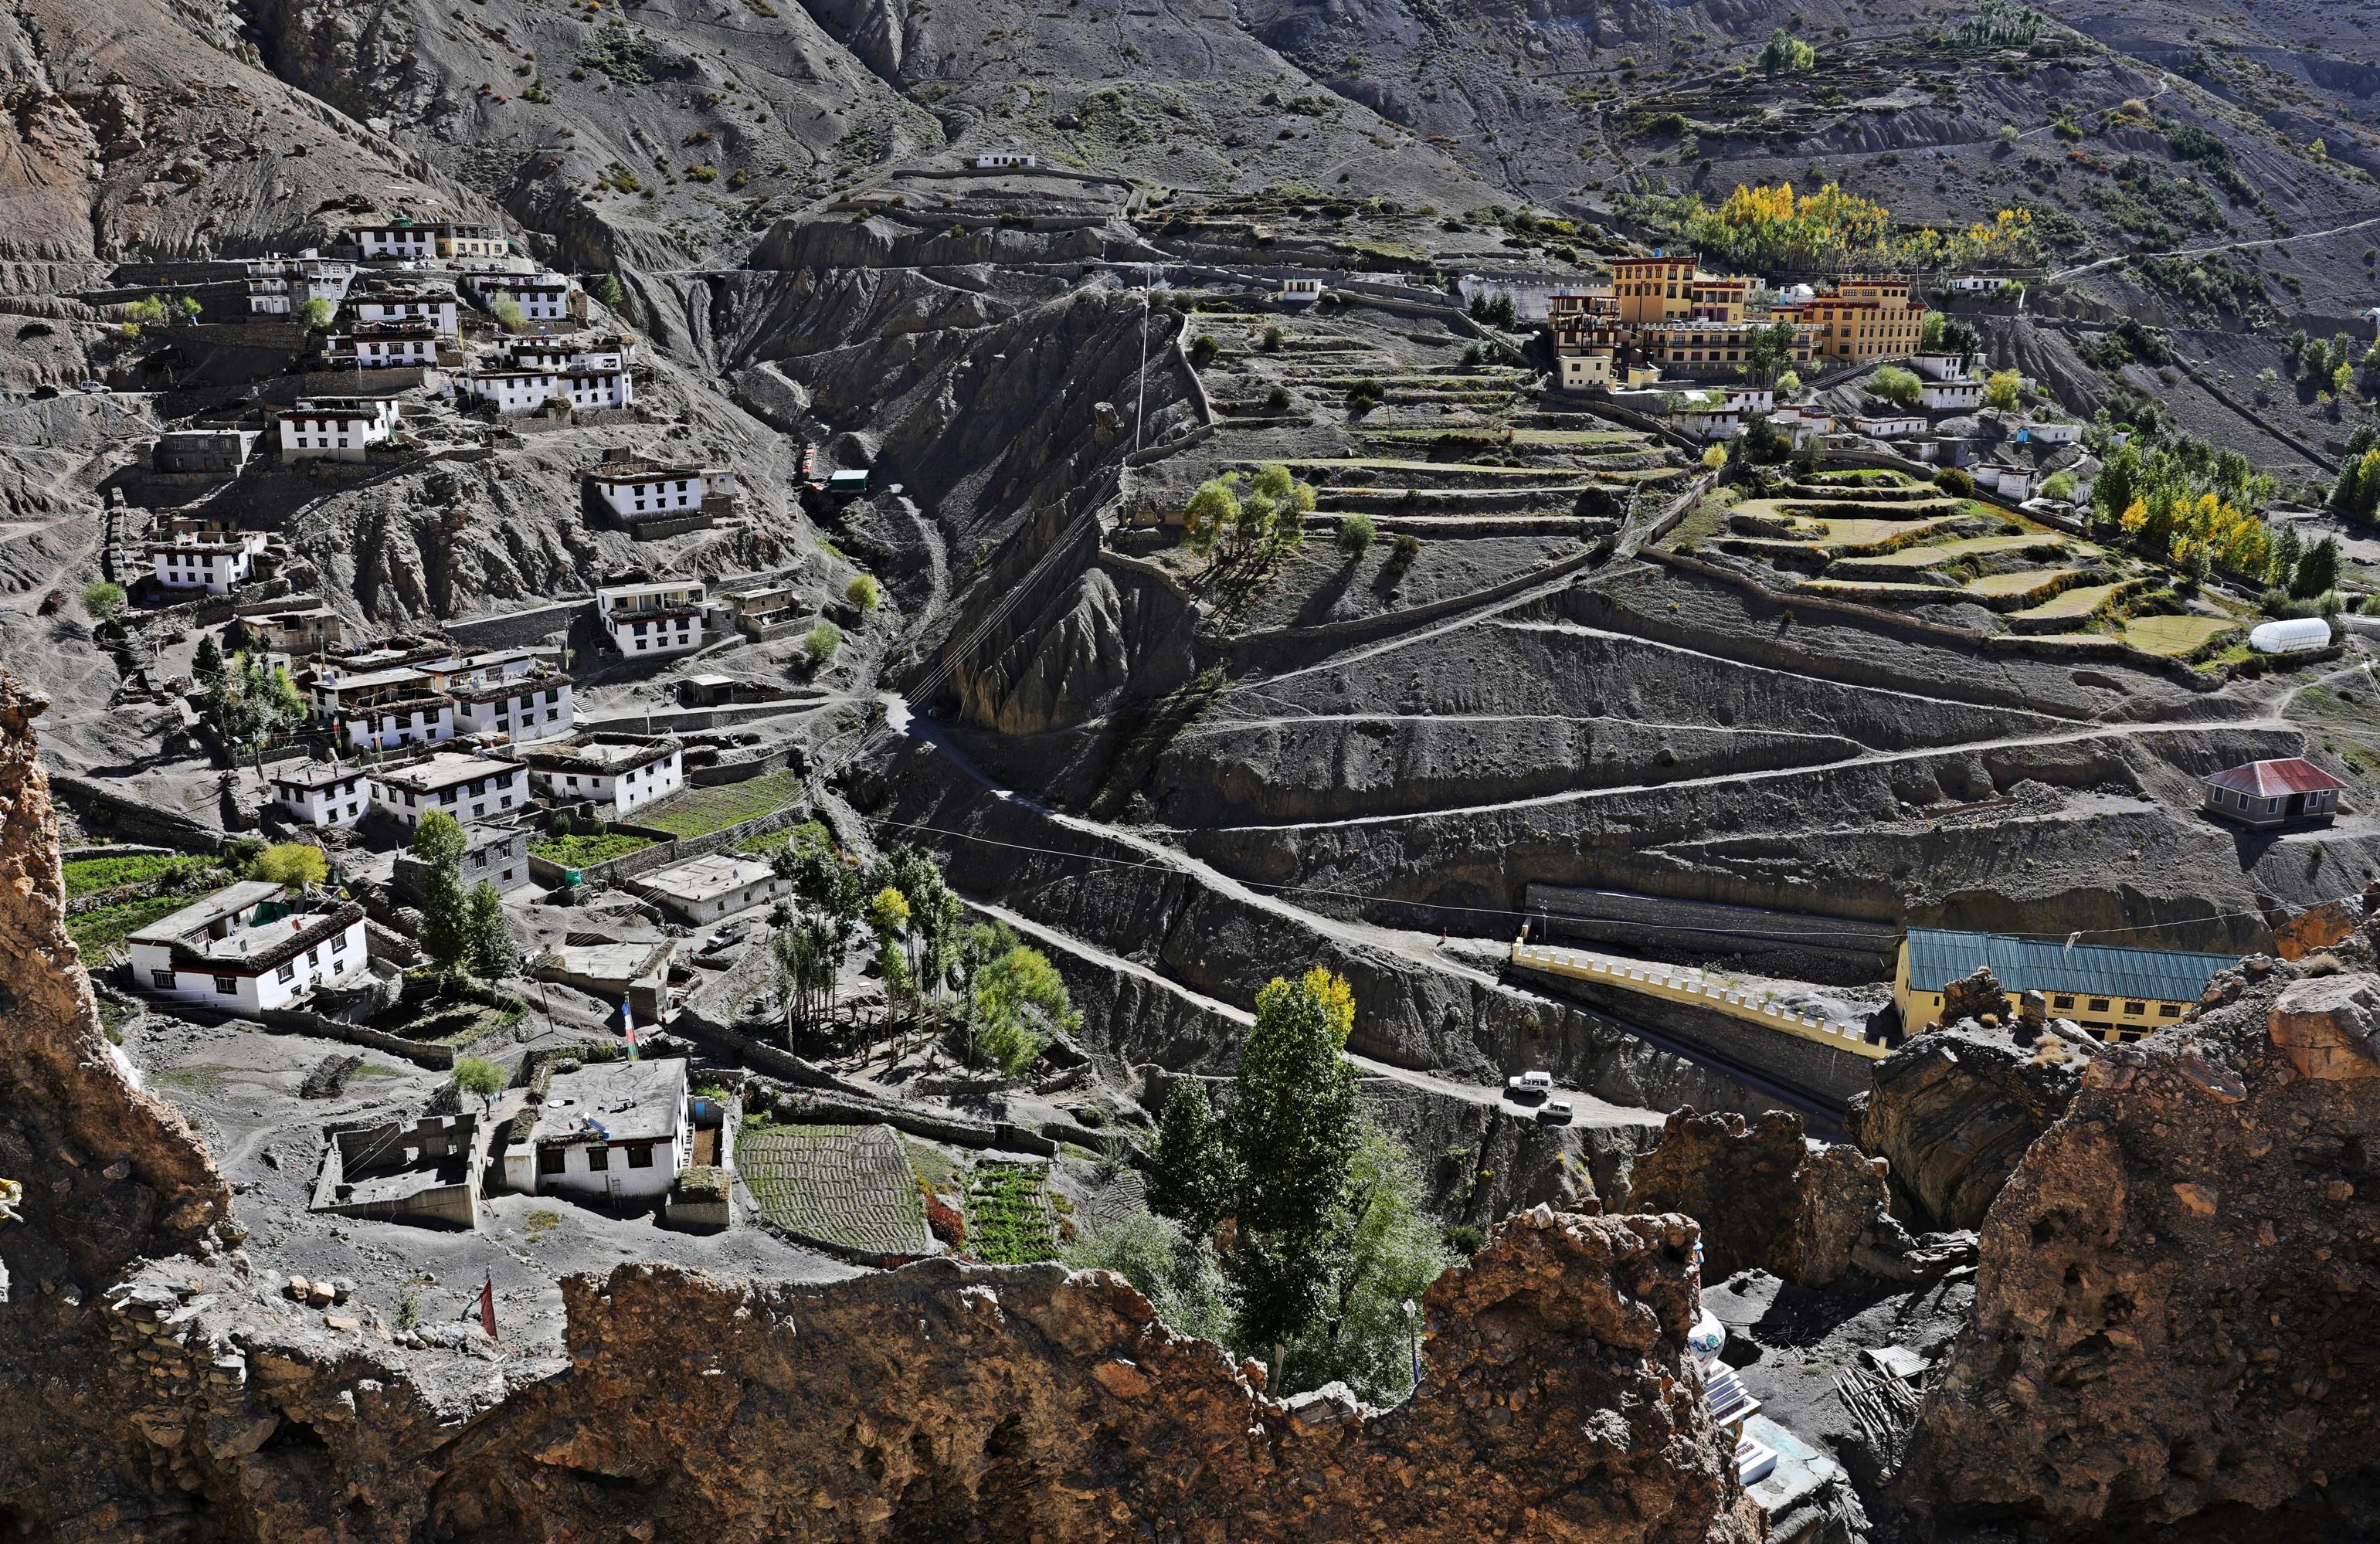 Dhankar village, Himachal Pradesh